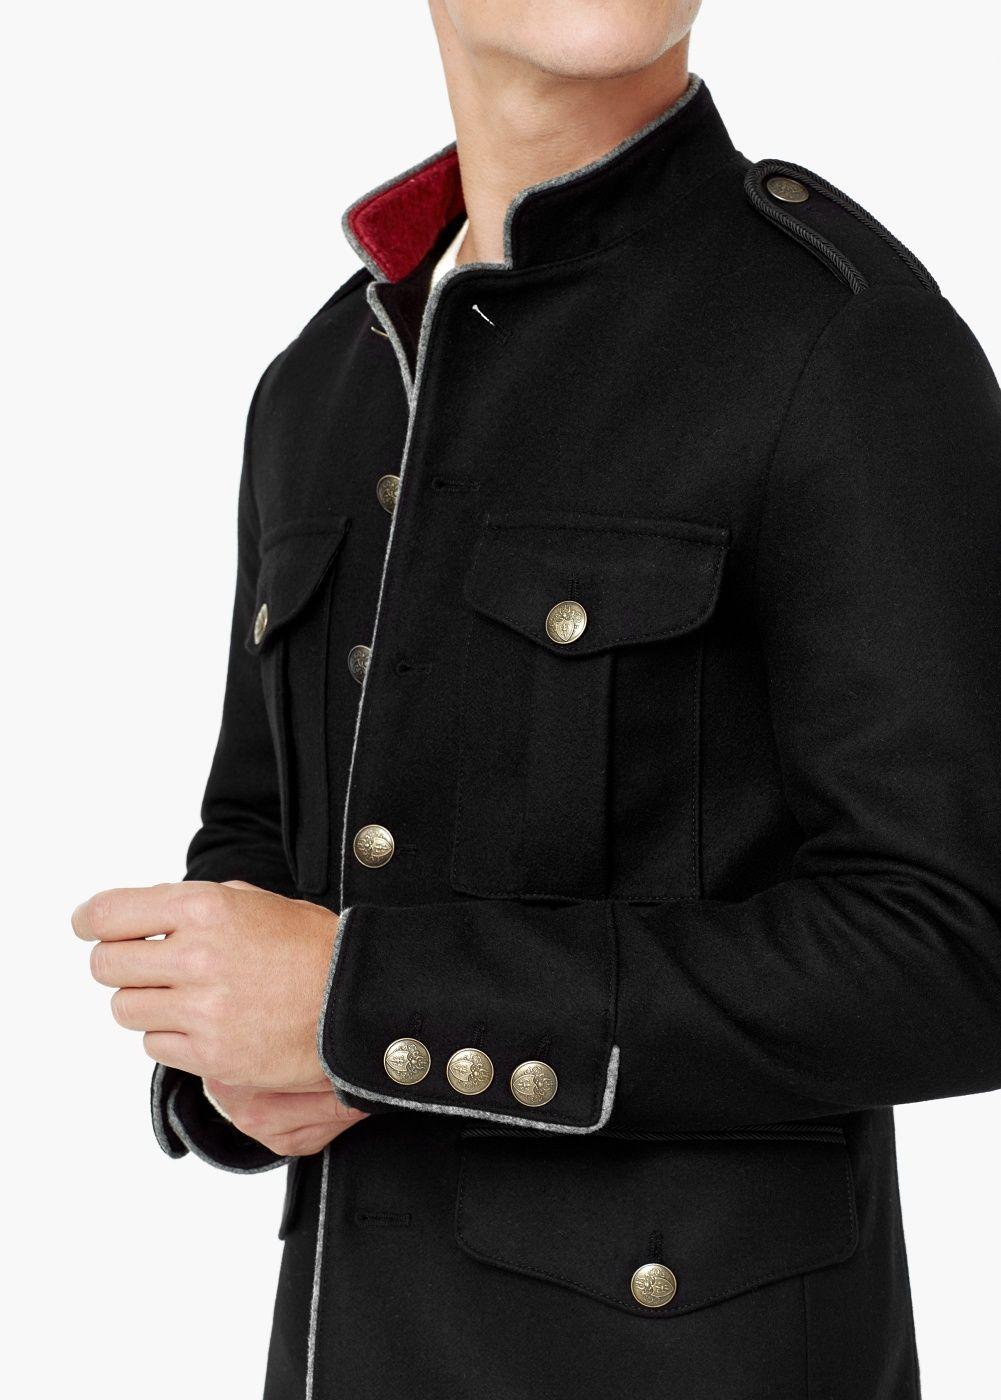 جاكت بمظهر عسكري الرجال Mango Man الإمارات العربية المتحدة Military Style Jackets Military Fashion Jackets Men Fashion